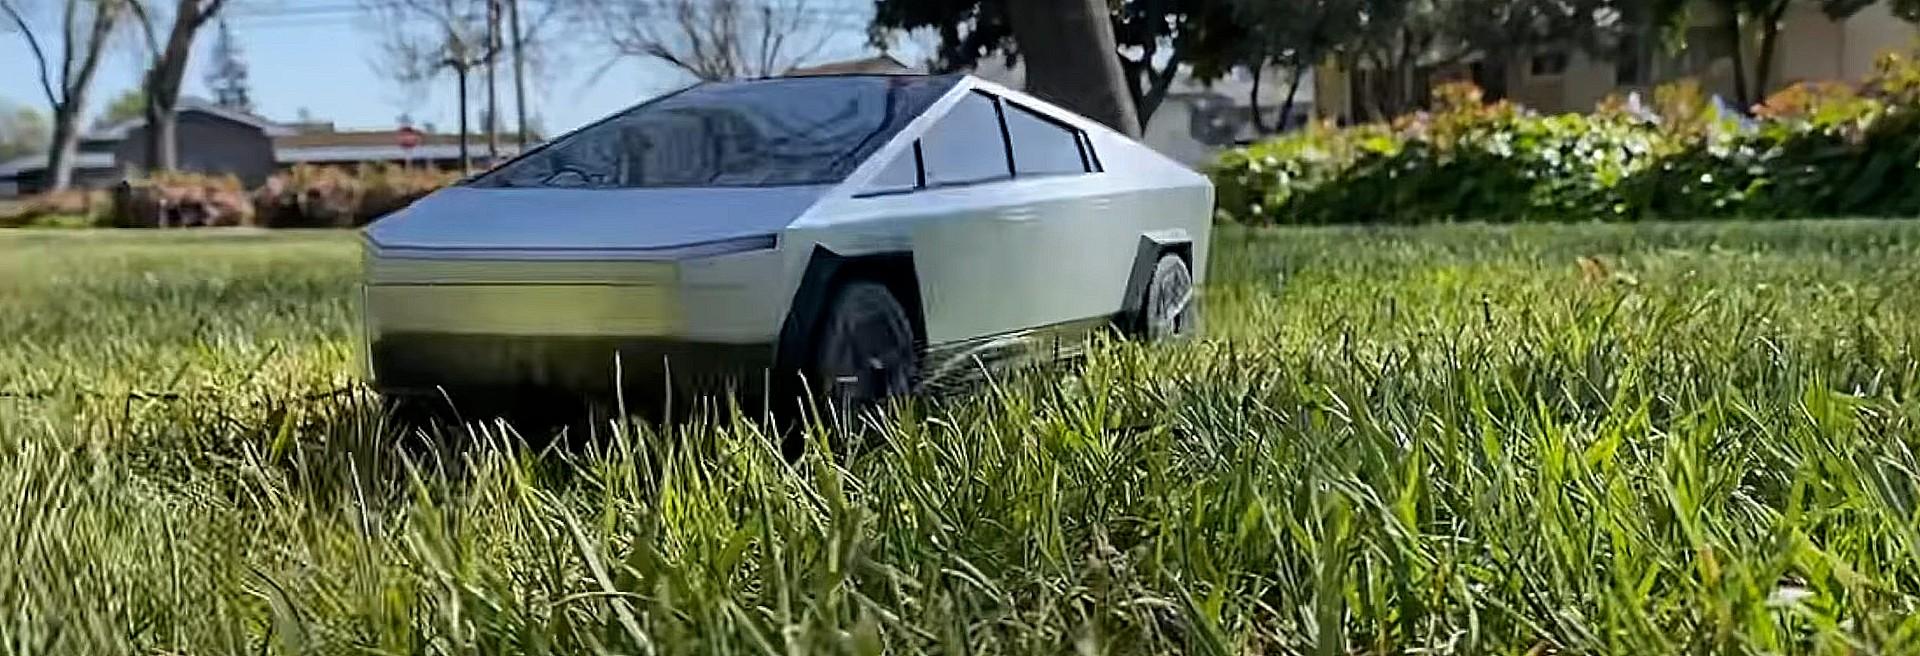 tesla-cybertruck-rc-car-grass